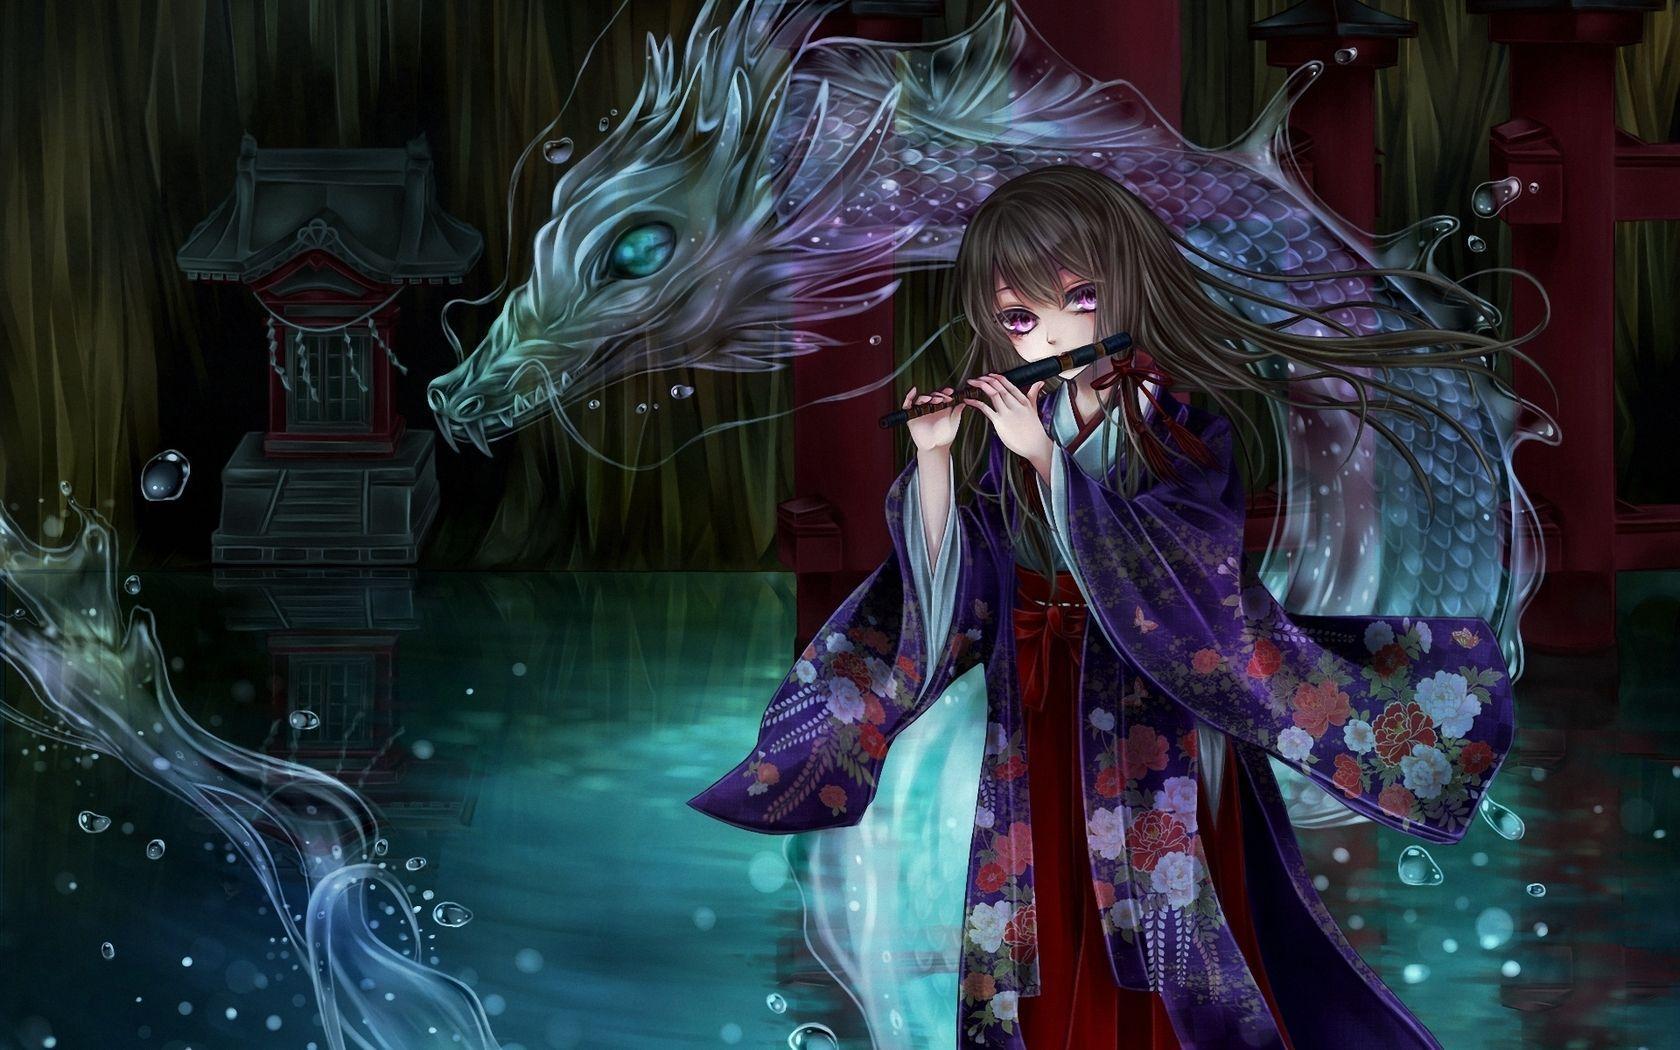 X Anime Dragon Girl Wallpaper Karsik Mix Xd Pinterest Girl